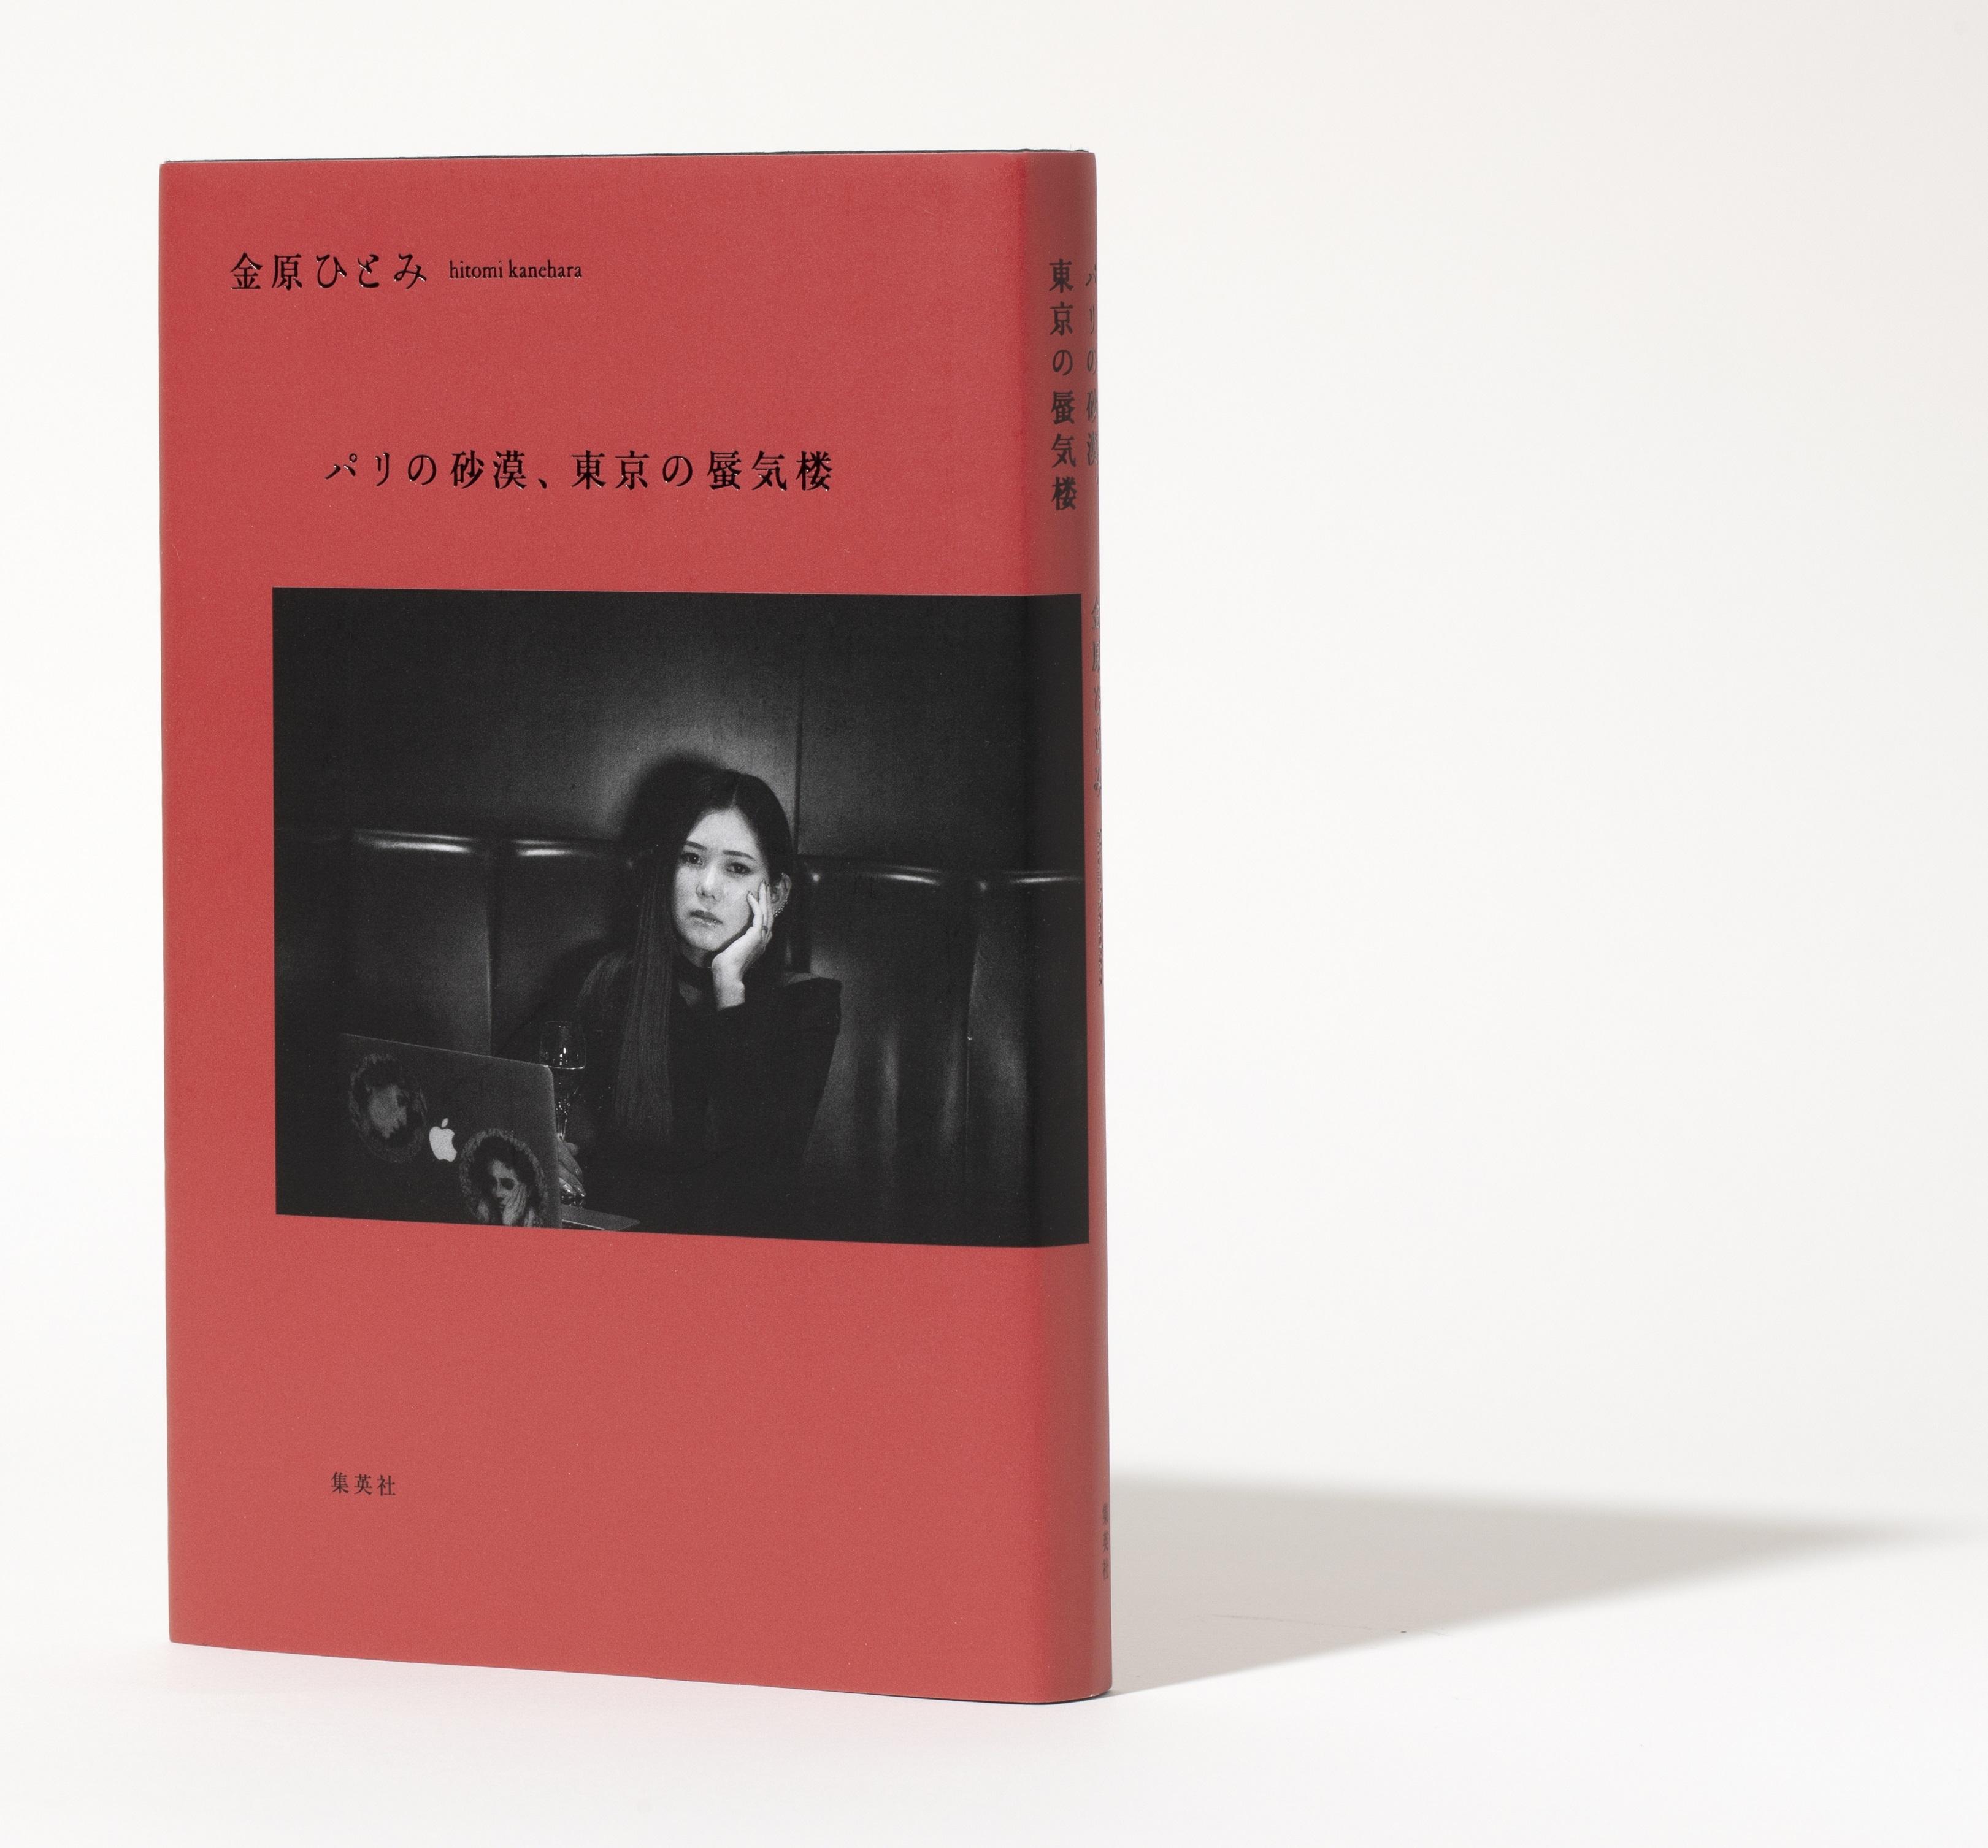 【BOOK #02】この先の社会が気になる今だからこそ、著者とともに内面を見つめる時間を_1_2